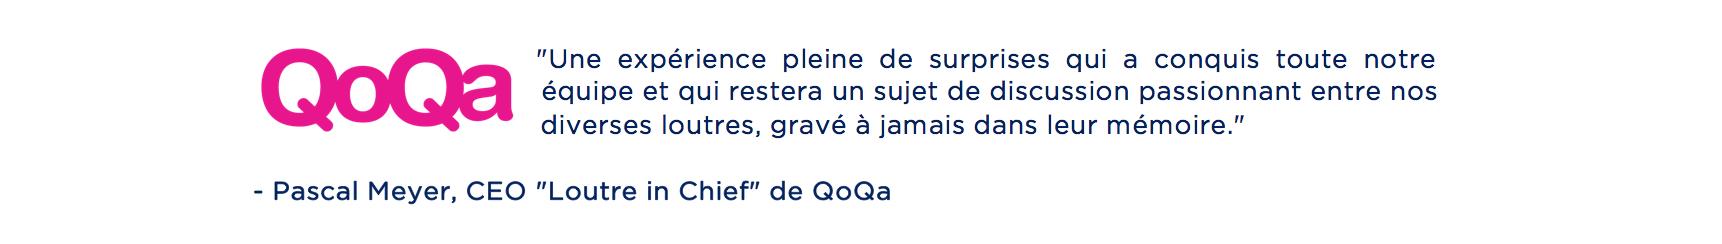 5. Qq .png